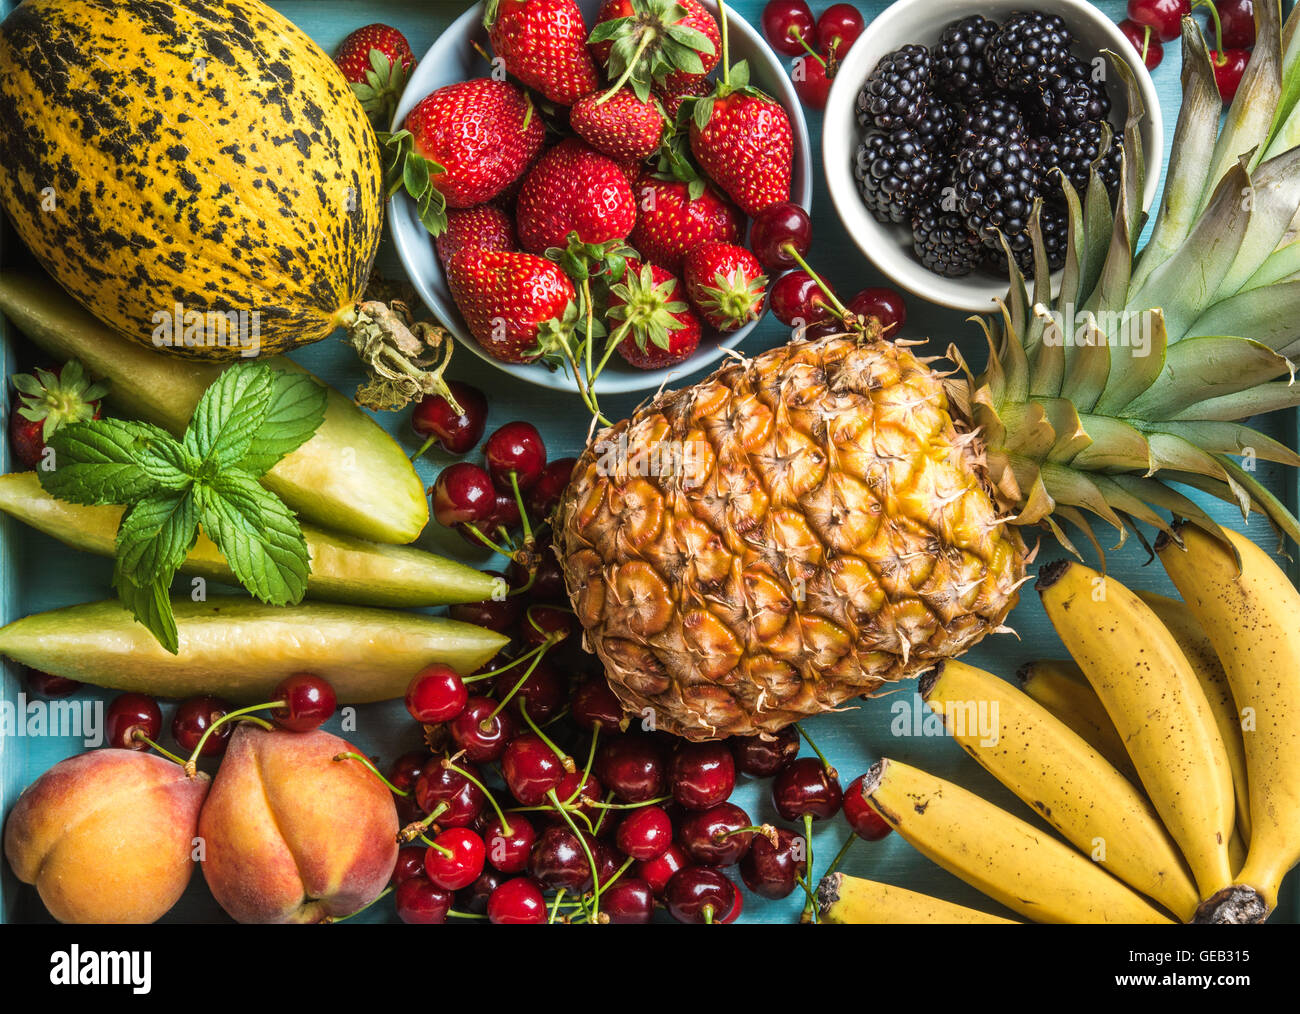 Gesunden Sommer Obstsorte. Süße Kirschen, Erdbeeren, Brombeeren, Pfirsiche, Bananen, Melonenscheiben und Stockbild